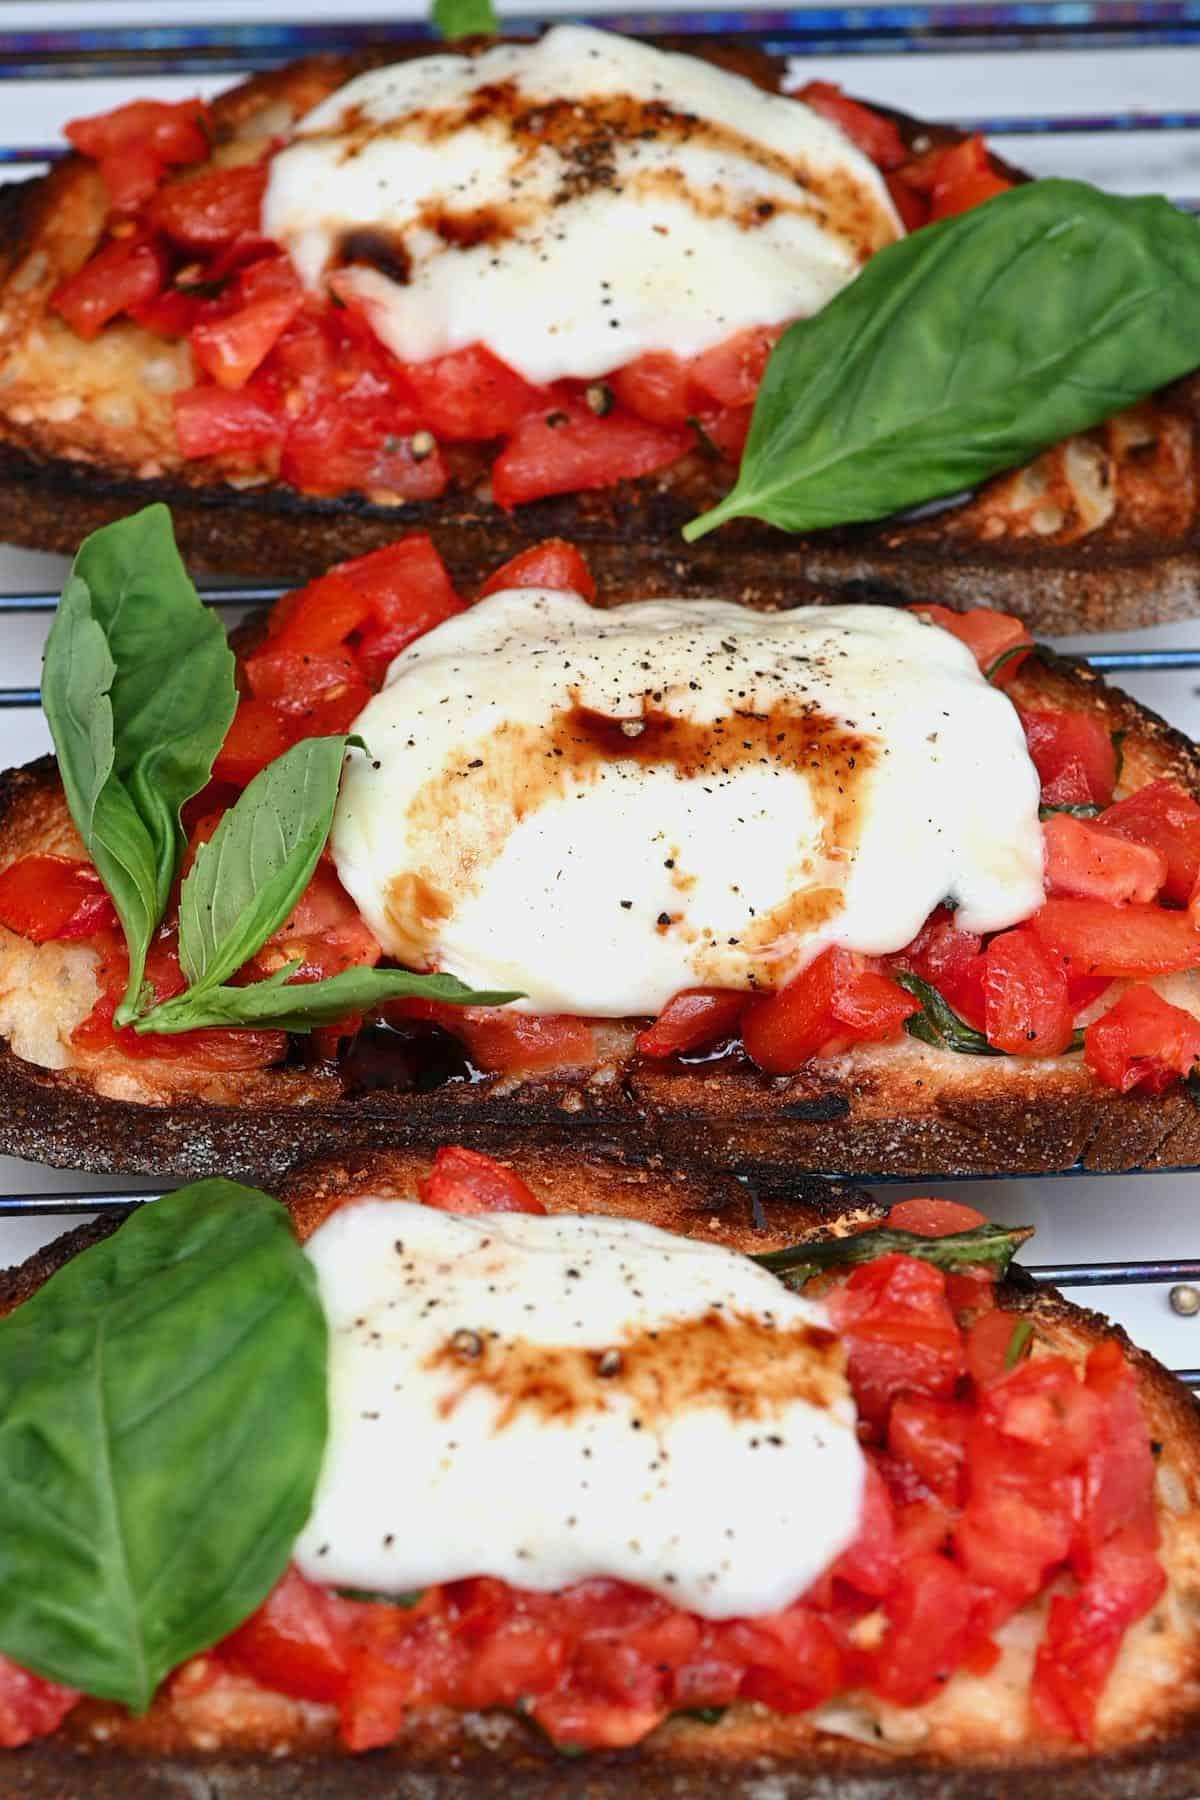 Mozzarella bruschetta topped with pepper